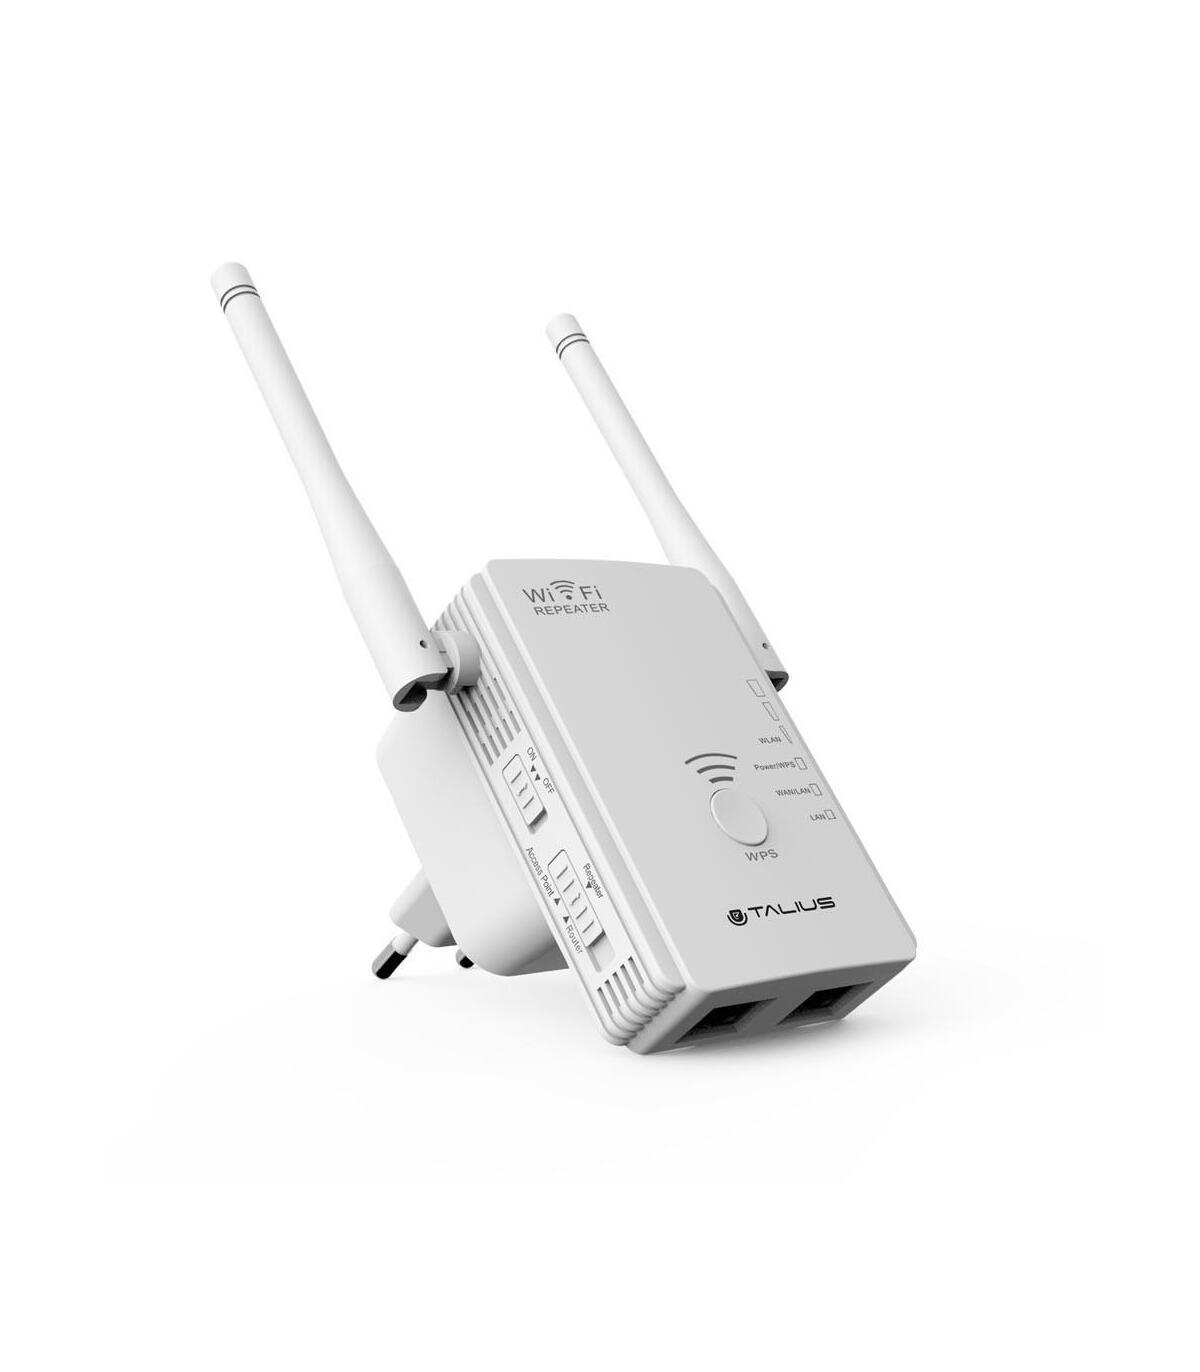 X TALIUS Router//repetidor//Ap 300Mb 2 Antenas REP-3002-ANT Network Repeater, 300 Mbit//s, 10,100 Mbit//s, 10//100Base-T 802.11n 802.11b,802.11g,Wi-Fi 4 Repetidor de Red , 300 Mbit//s